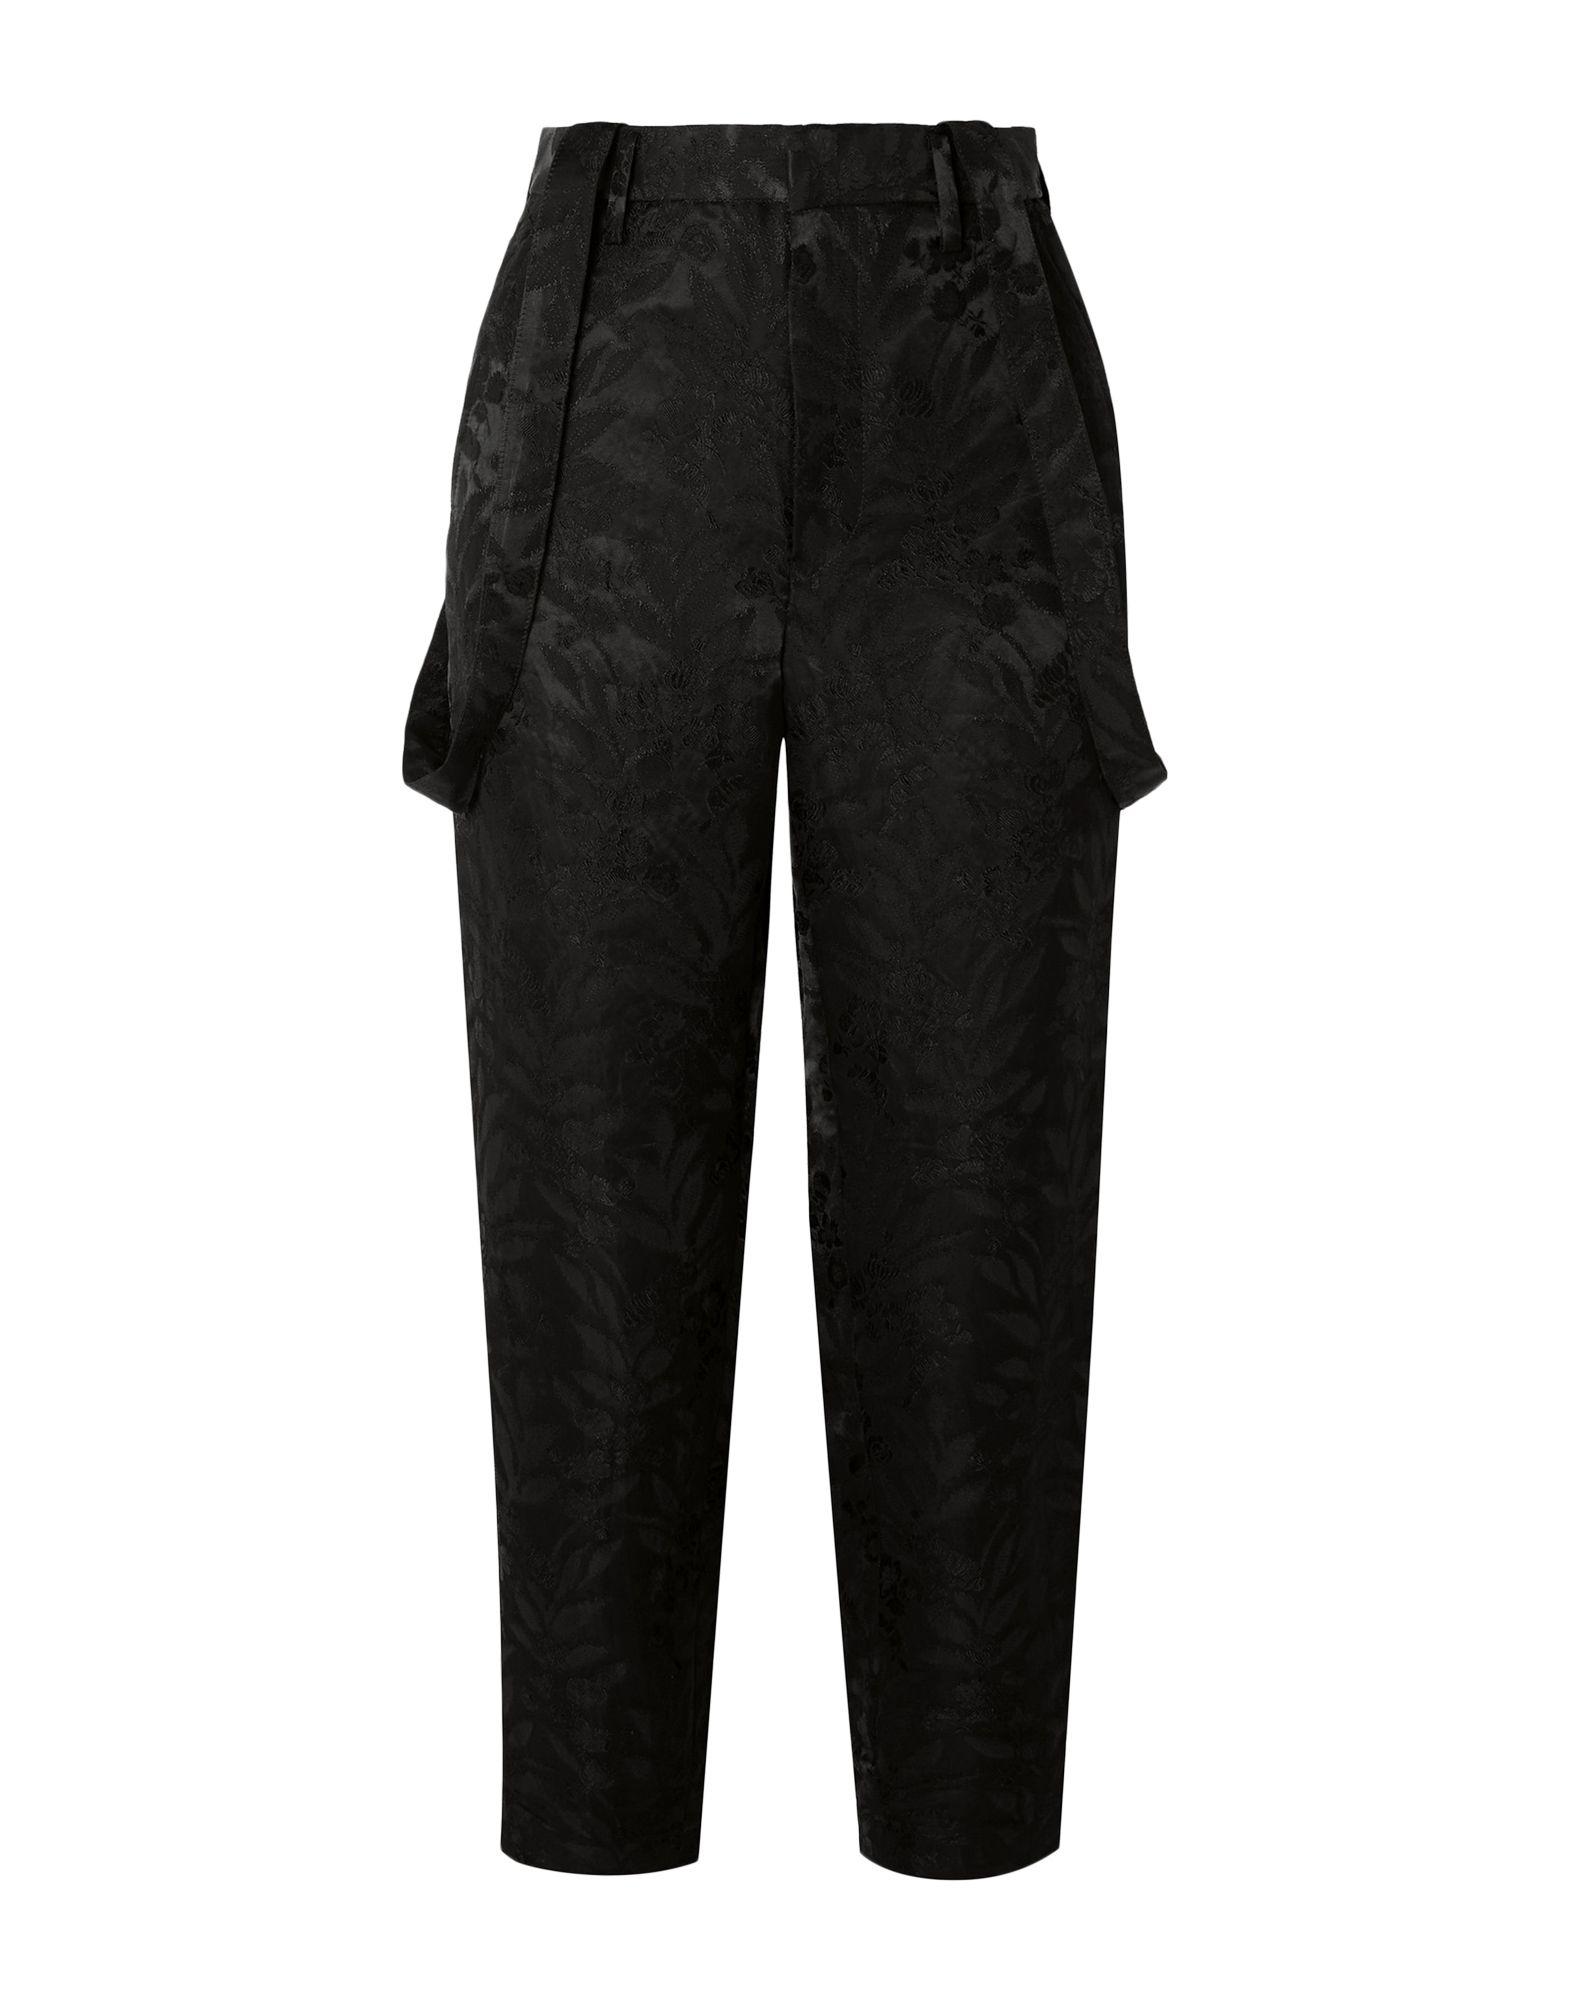 Фото - NOIR KEI NINOMIYA Повседневные брюки noir kei ninomiya блузка